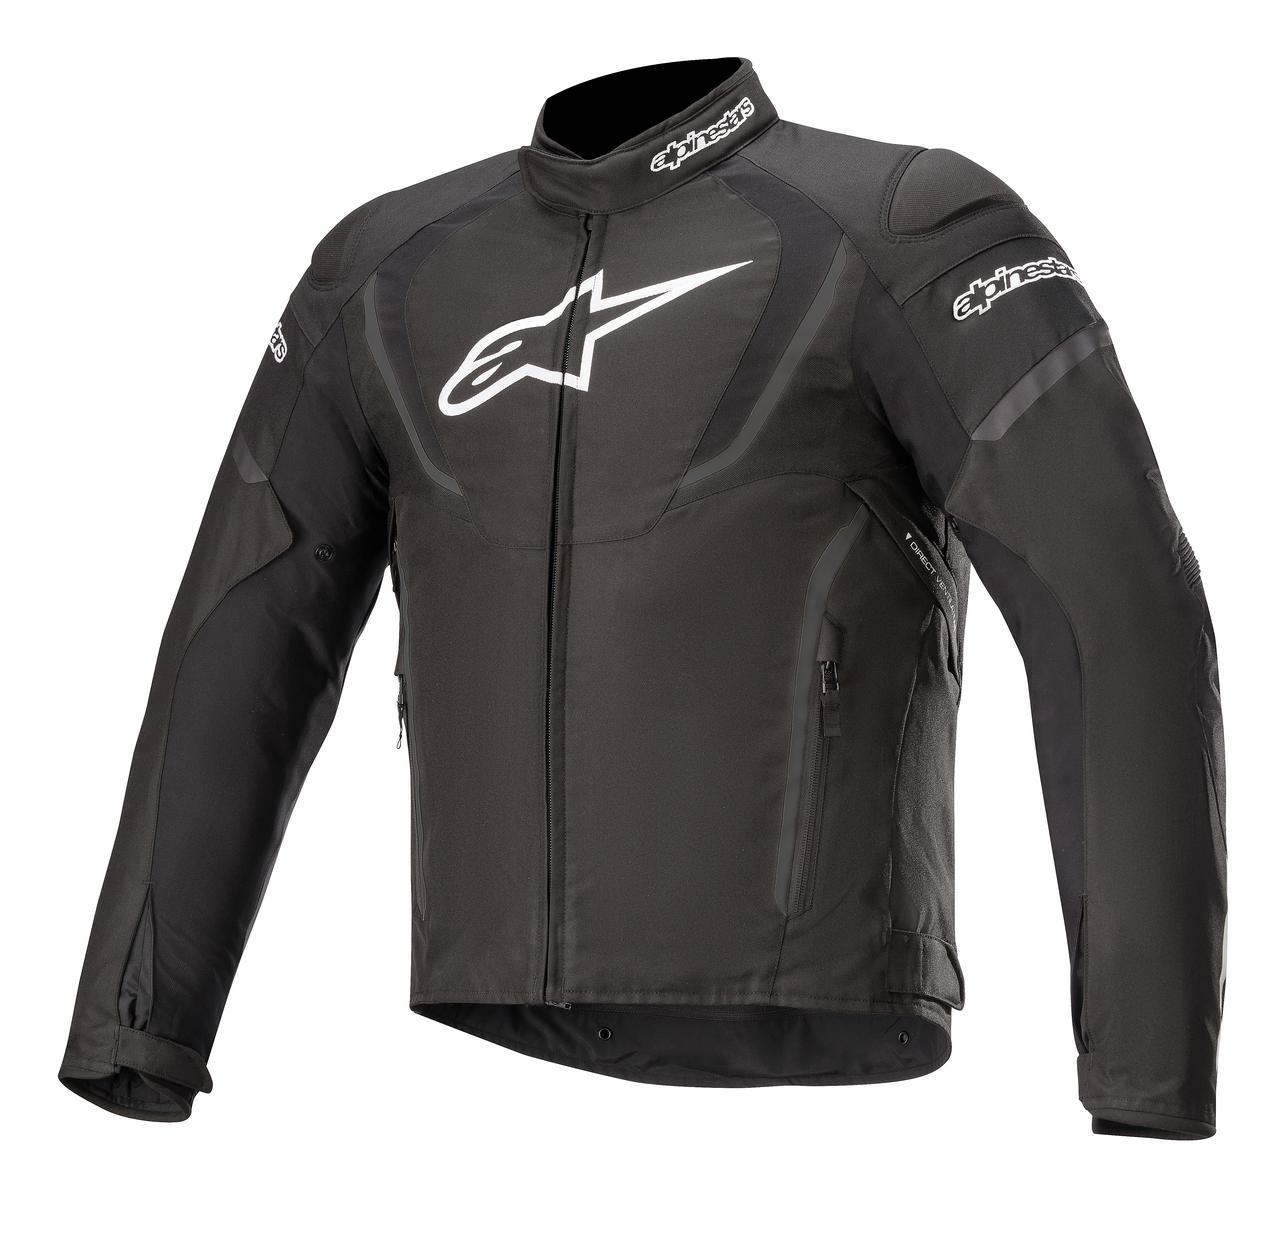 画像2: ベーシックなデザインで着やすい! アルパインスターズから防水仕様の3シーズンジャケットが新たに登場